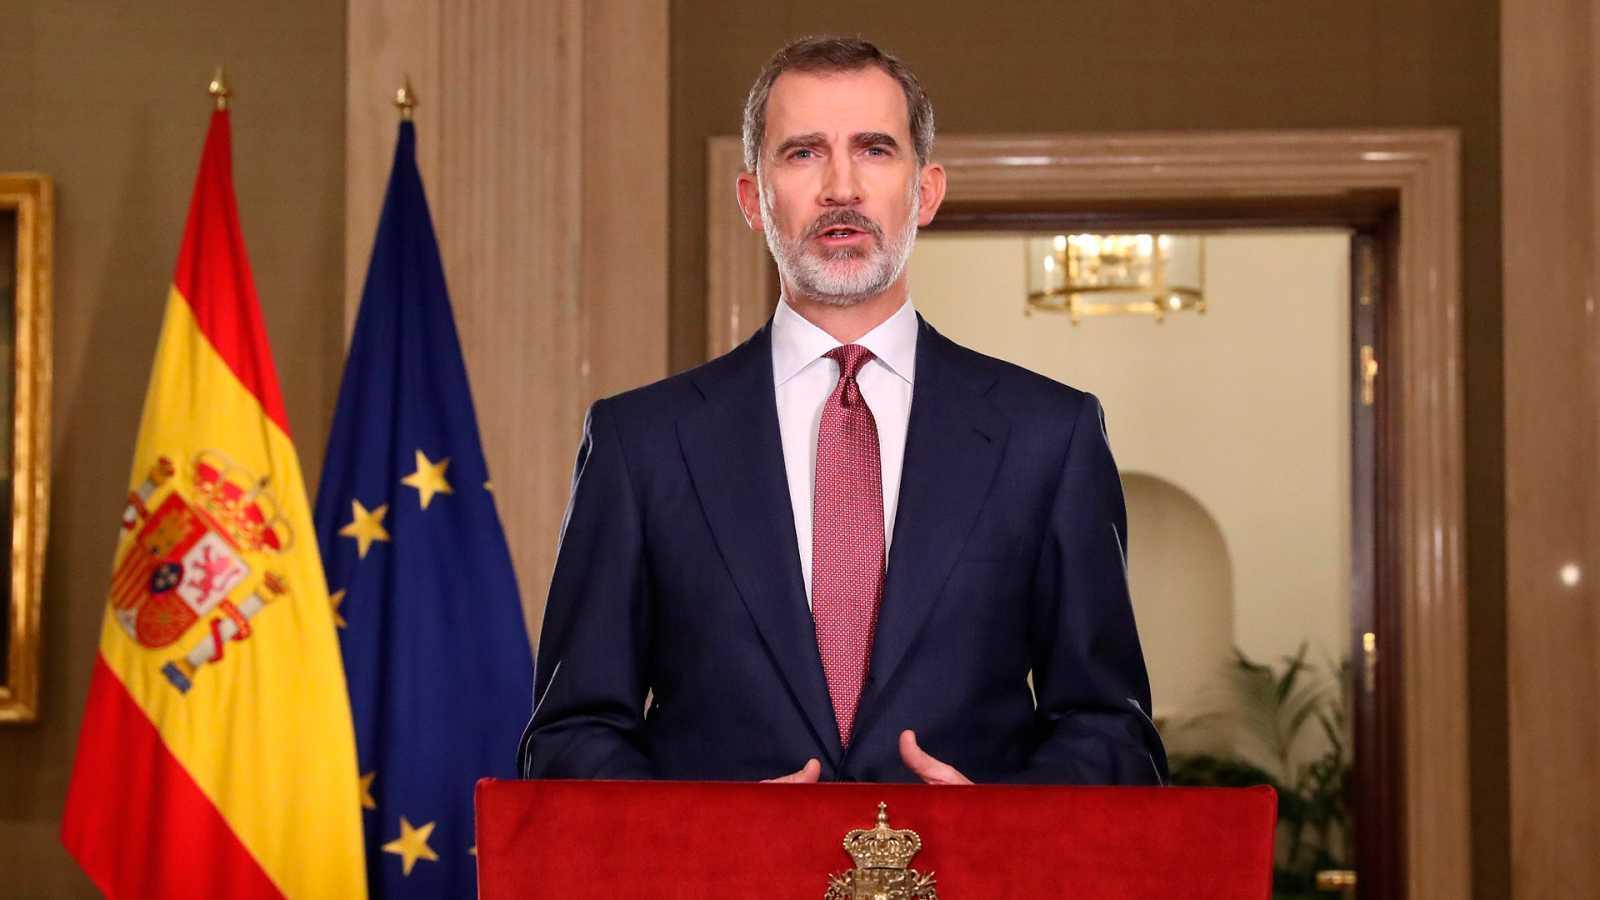 Vídeo: Mensaje íntegro del rey Felipe a la nación por la crisis del coronavirus Covid-19